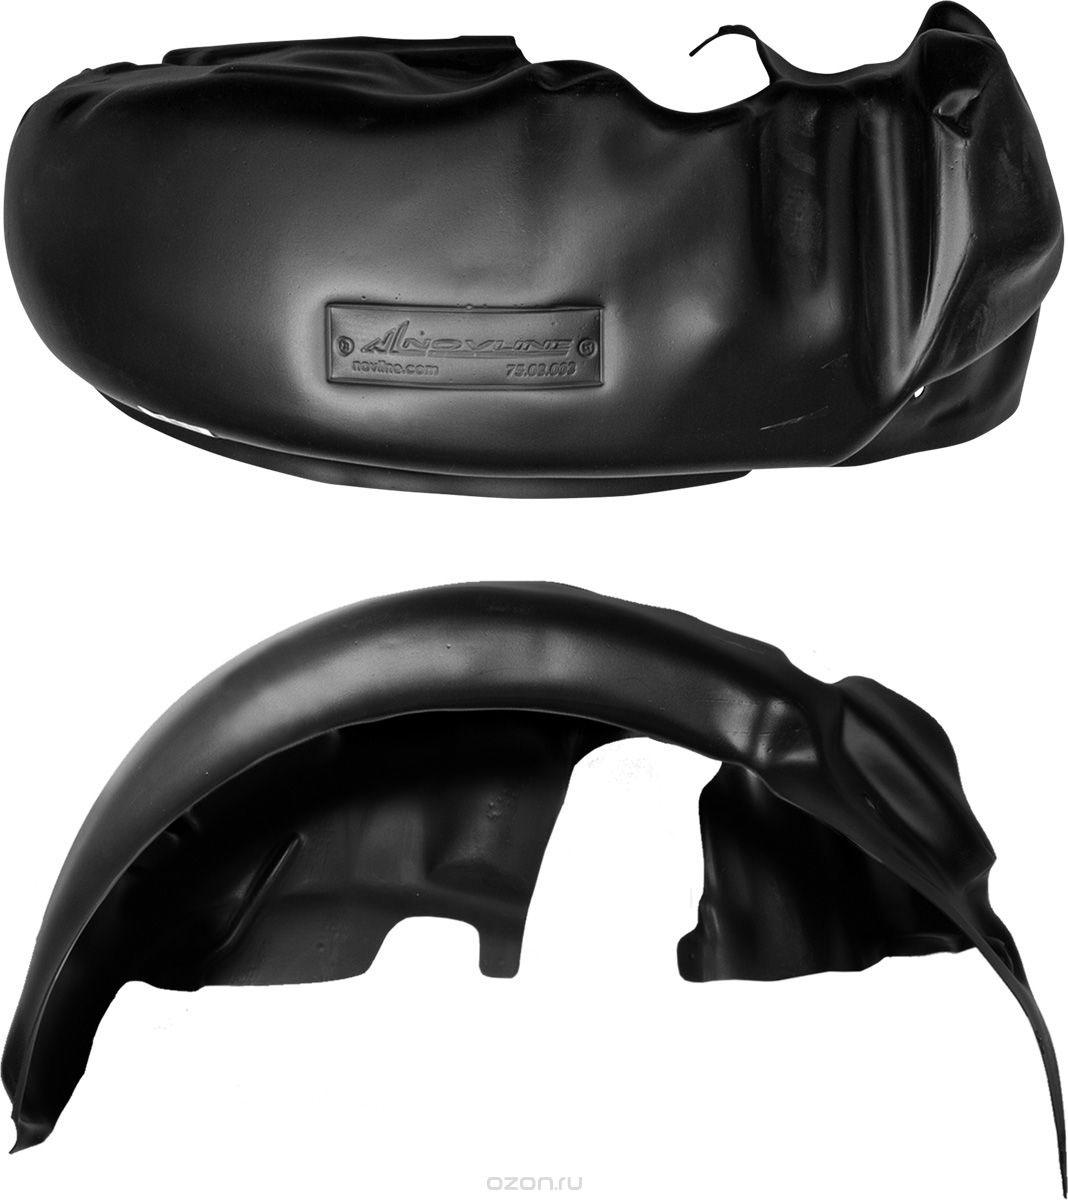 Подкрылок Novline-Autofamily, для FORD Mondeo, 2007->2014, седан, задний левый42803004Идеальная защита колесной ниши. Локеры разработаны с применением цифровых технологий, гарантируют максимальную повторяемость поверхности арки. Изделия устанавливаются без нарушения лакокрасочного покрытия автомобиля, каждый подкрылок комплектуется крепежом. Уважаемые клиенты, обращаем ваше внимание, что фотографии на подкрылки универсальные и не отражают реальную форму изделия. При этом само изделие идет точно под размер указанного автомобиля.